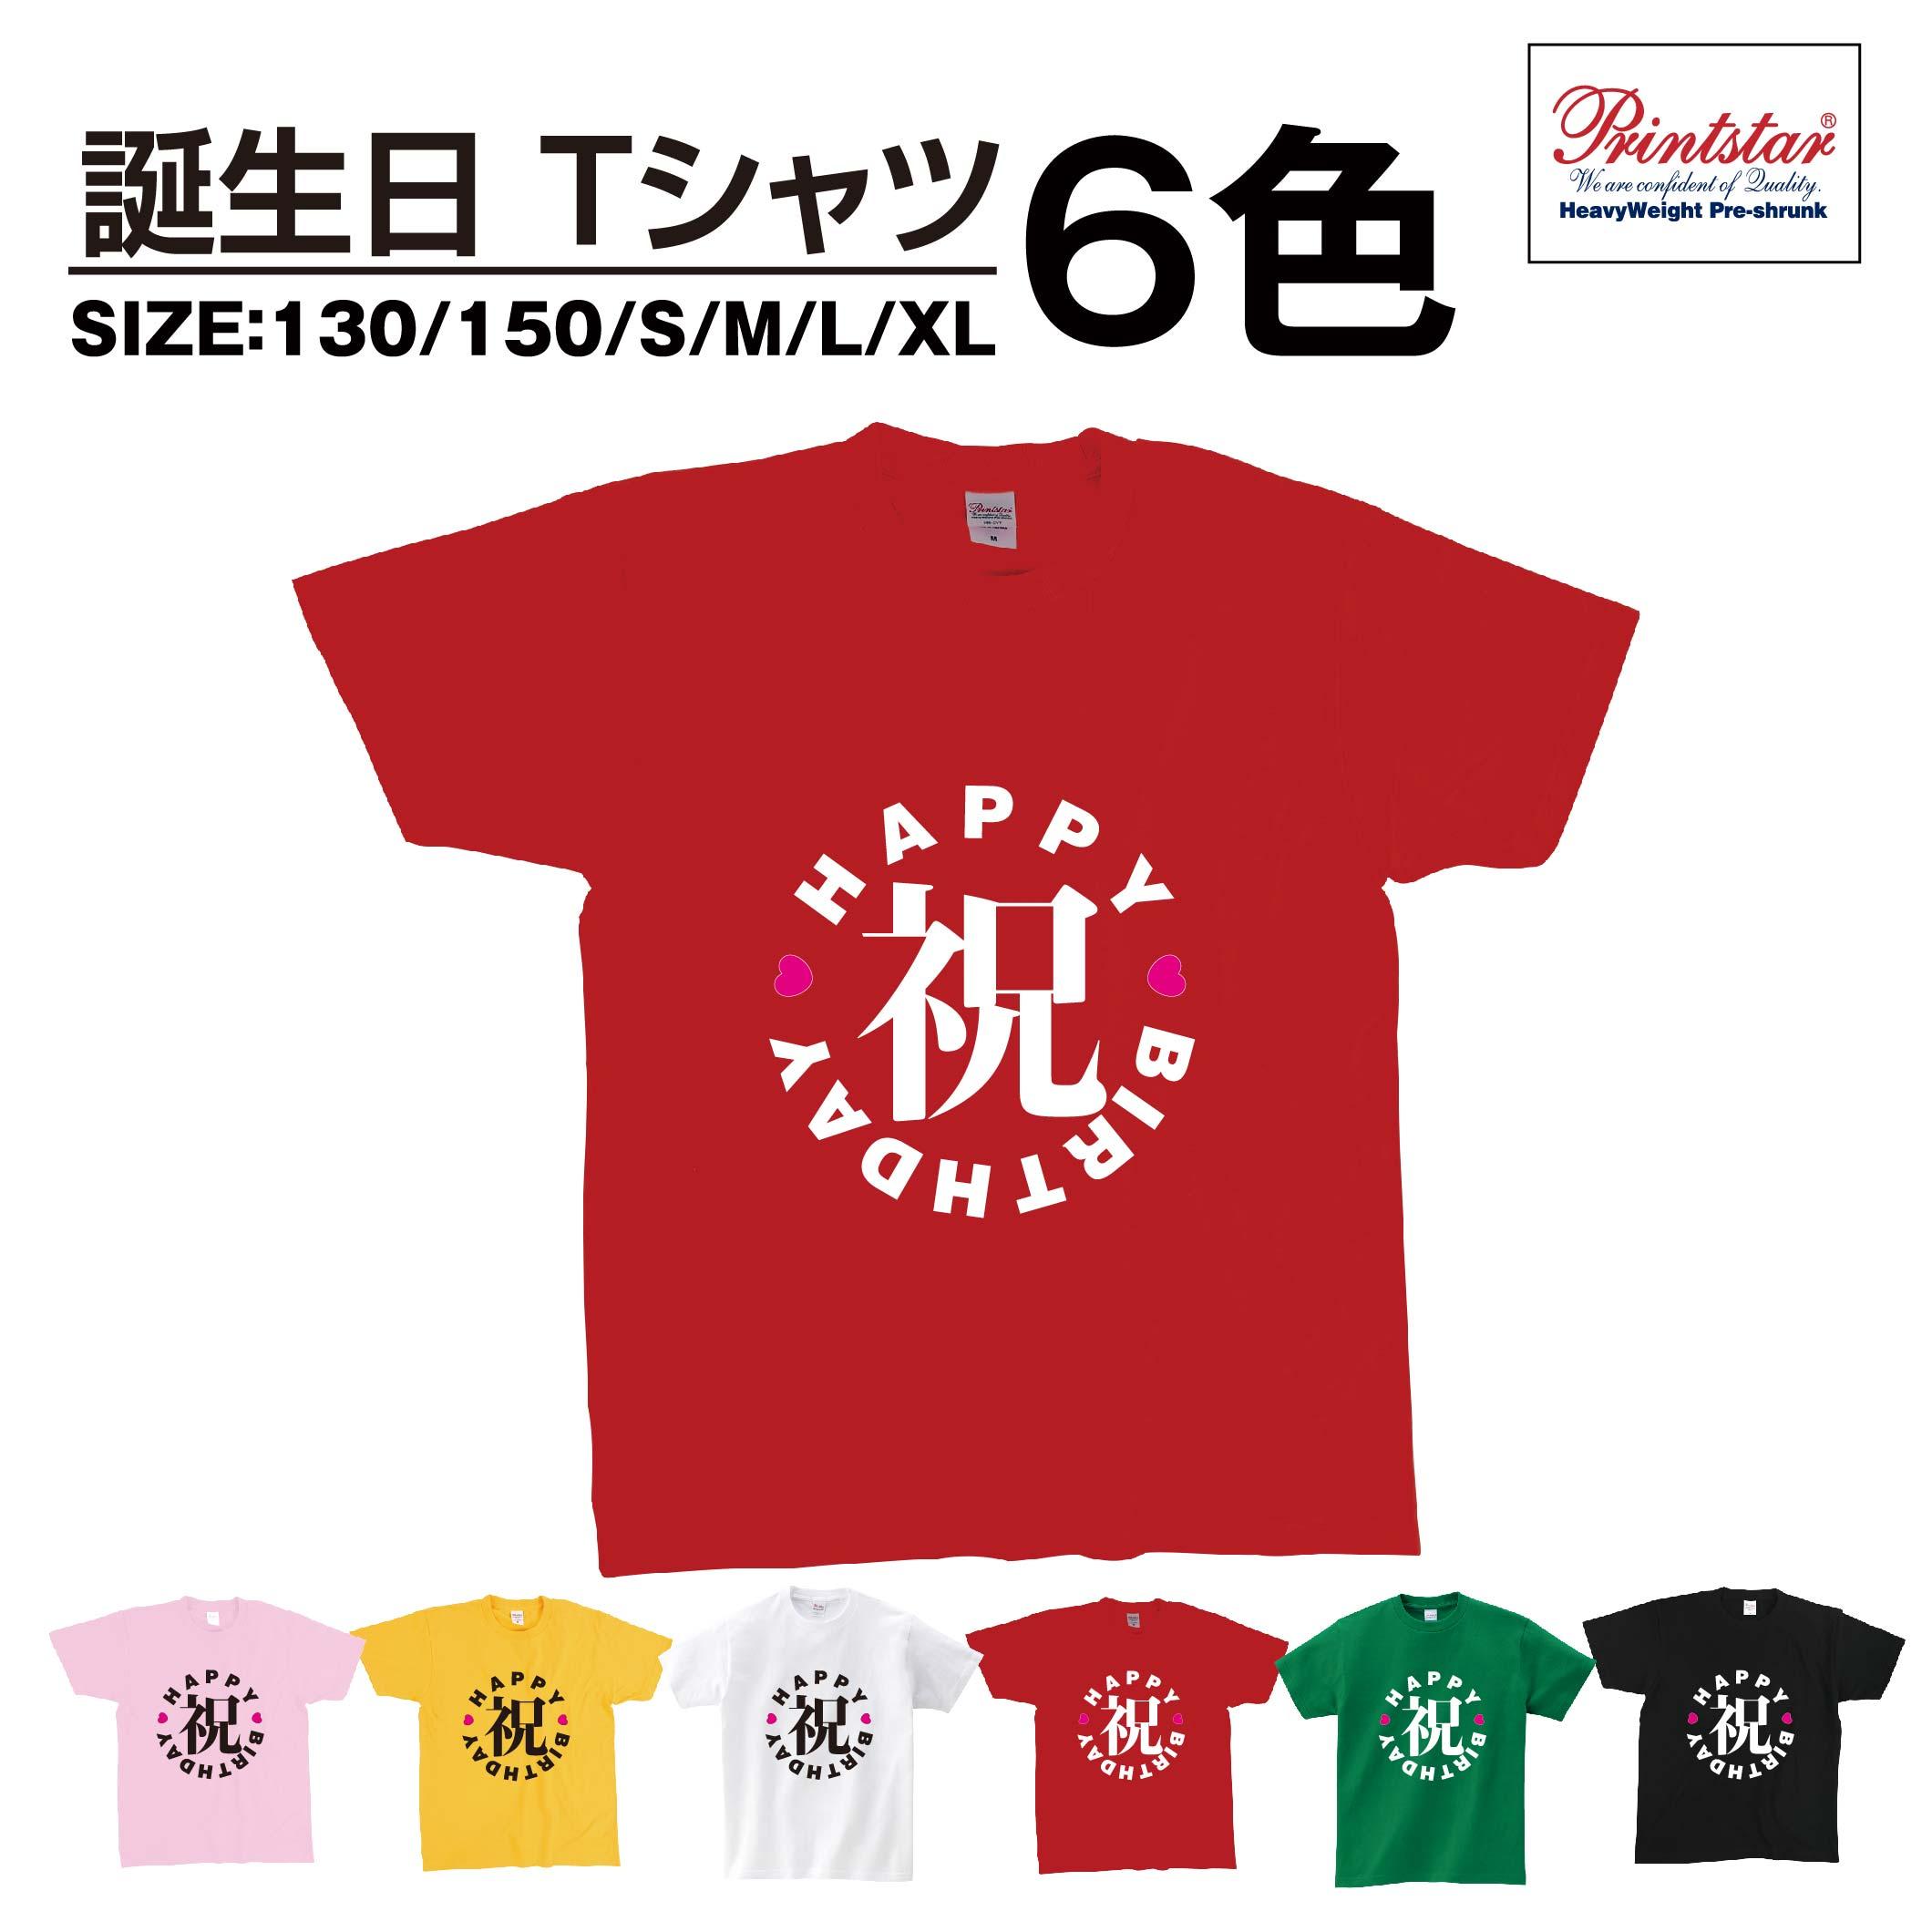 バースデーTシャツ おしゃれプレゼント メーカー直送 送料無料 選べる6色 祝 誕生日 バースデイ メンズ 日本製 レディース キッズ おもしろtシャツ お祝い 誕生日プレゼント祝 大人 Tシャツ Shirts 半袖 子供 T プリントTシャツt085-t05